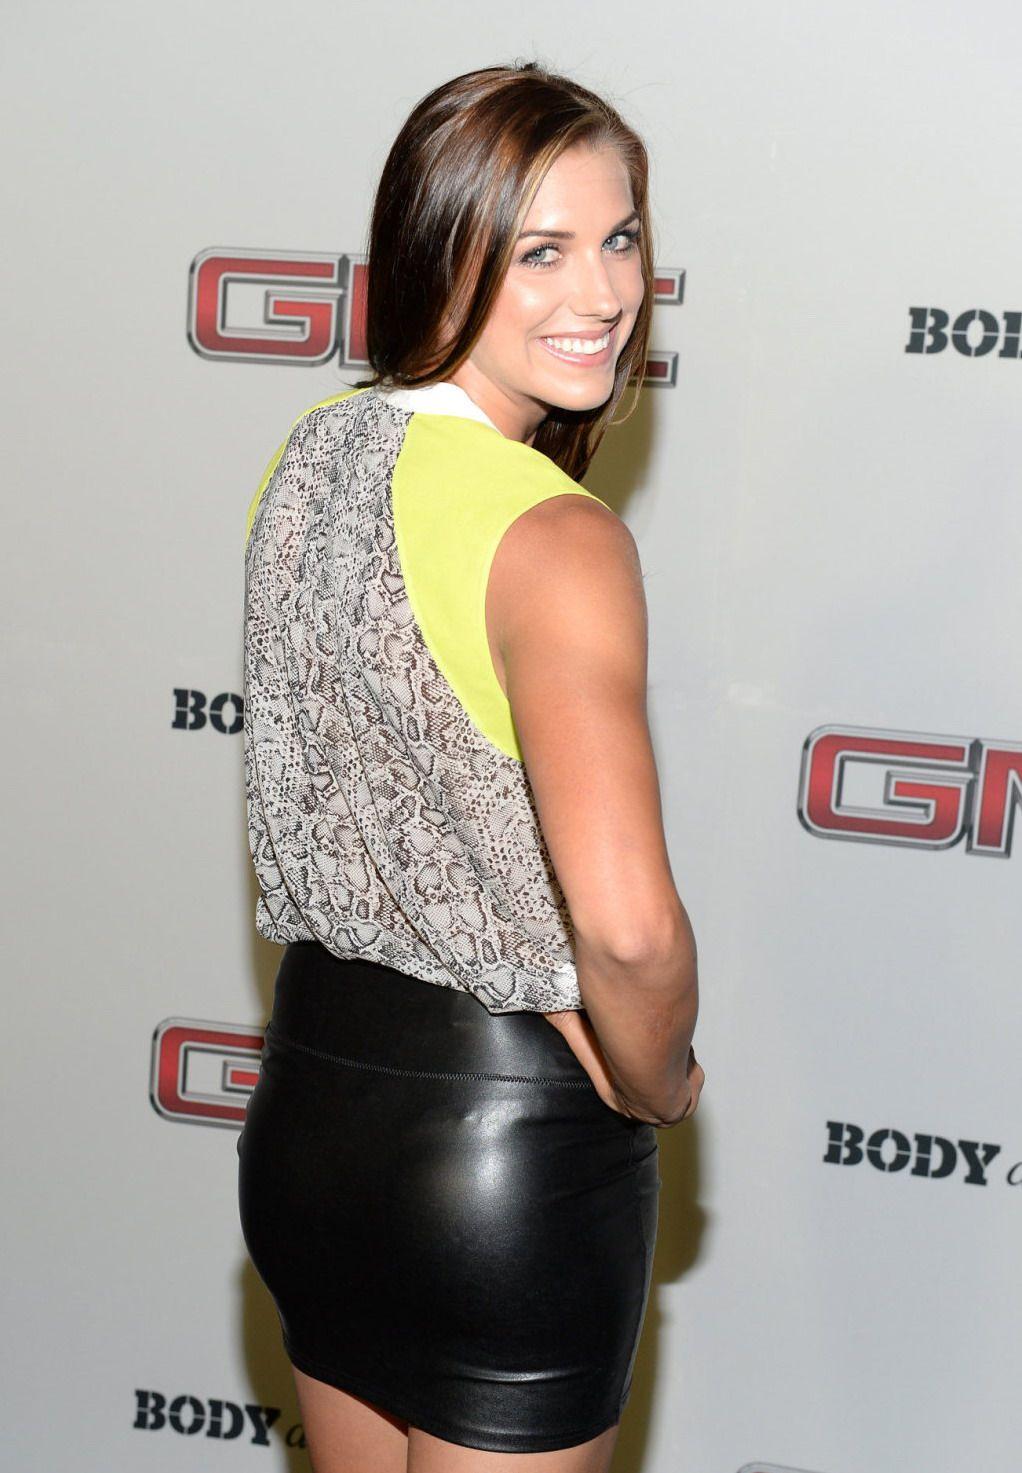 Alex Morgan Espn The Magazine 5th Annual Body Issue Party In Hollywood 071613 Mq680 Alex Morgan Futbol Femenino Femenina